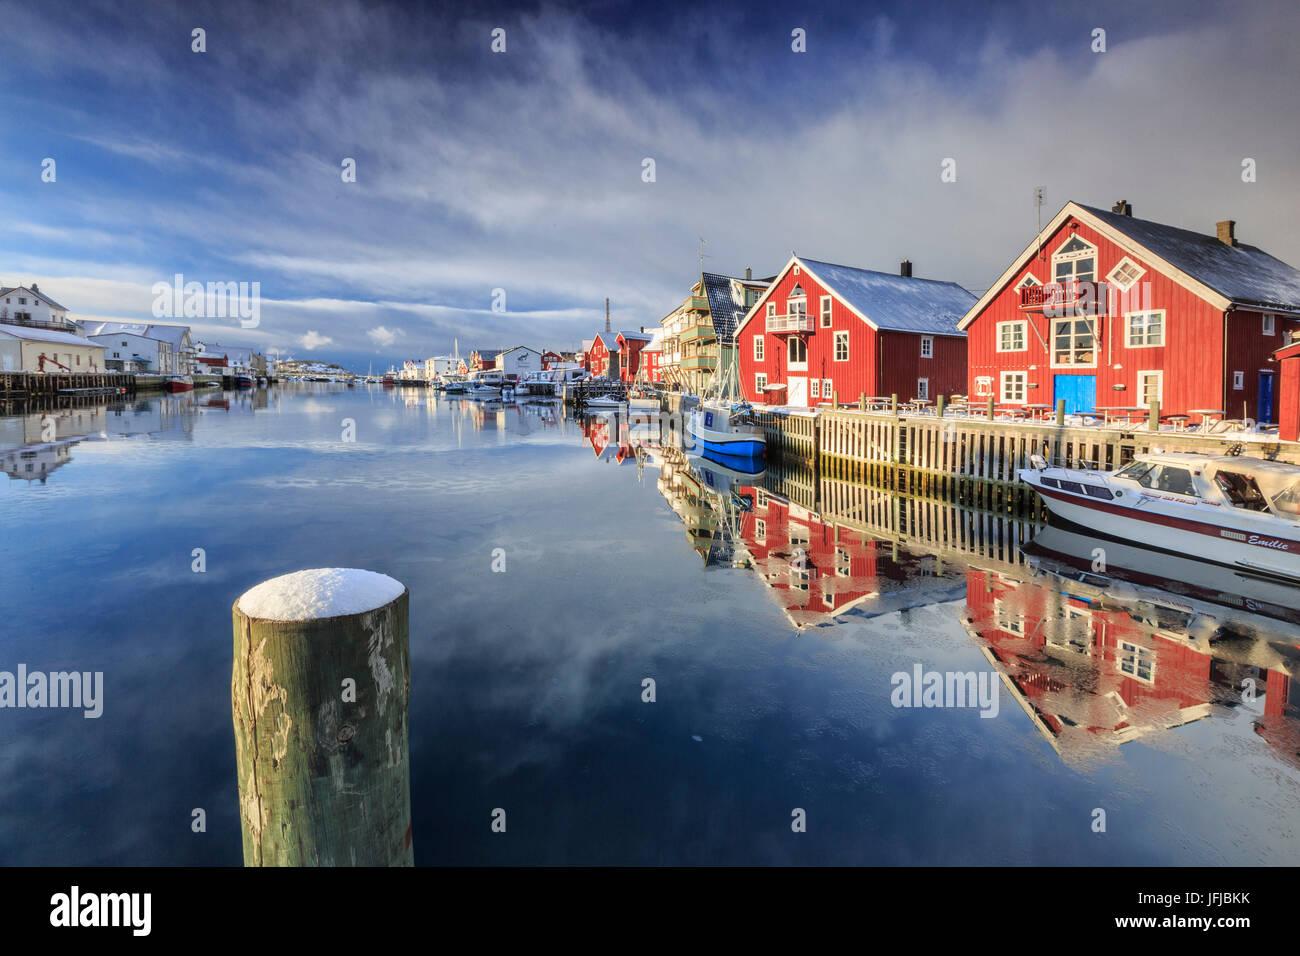 Maisons rouge reflétée dans le canal de Henningsvær, îles Lofoten, Norvège, Europe Photo Stock